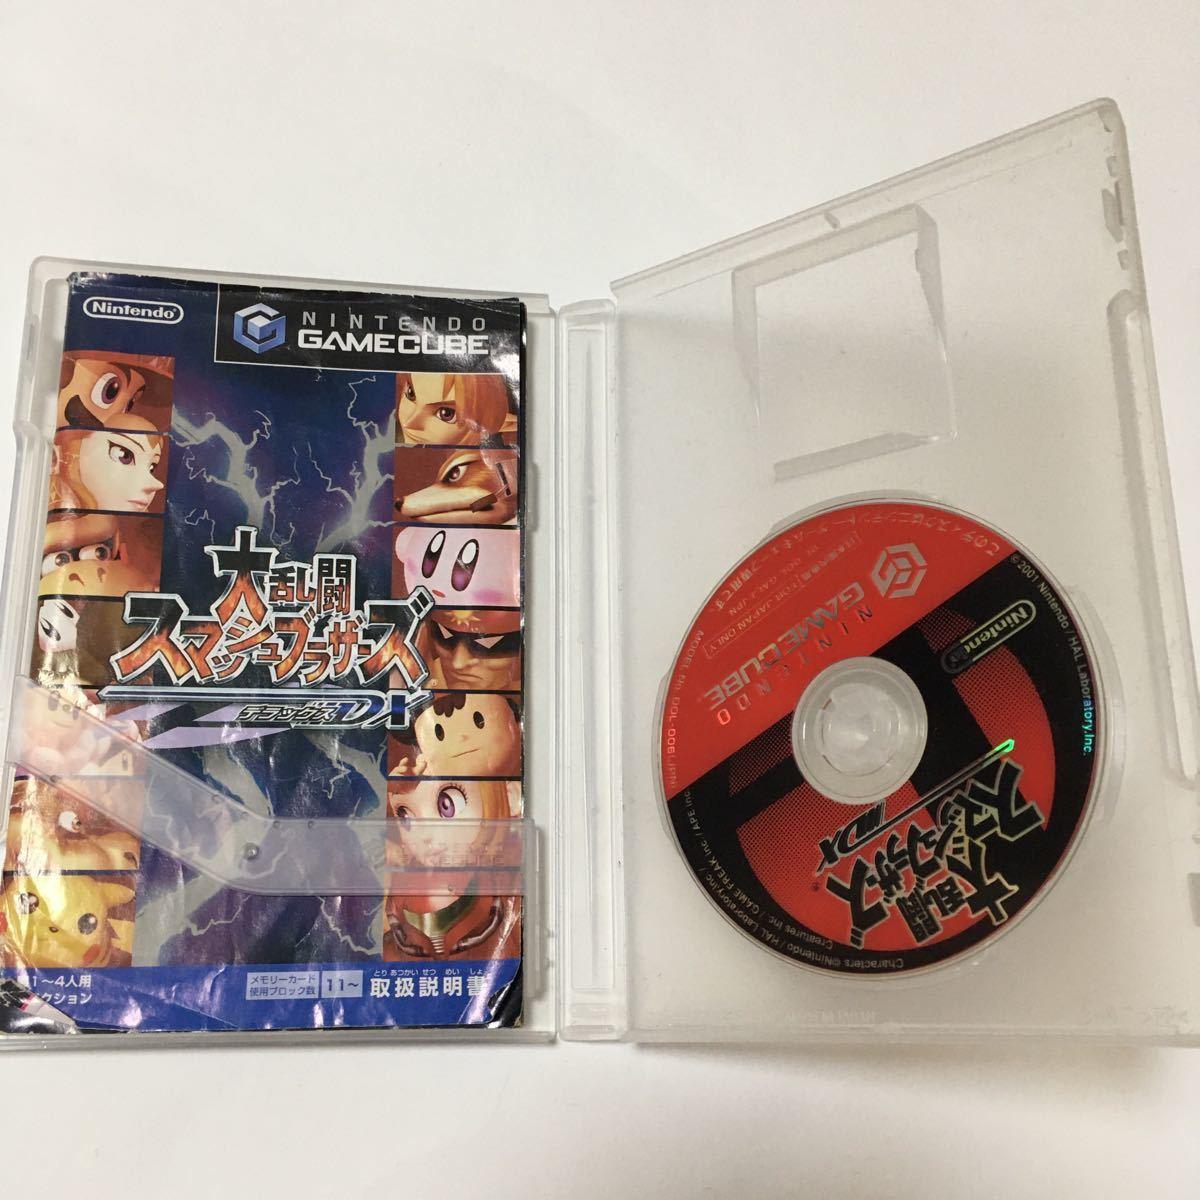 ゲームキューブ ソフト 大乱闘スマッシュブラザーズDX スマブラ 動作確認済み レトロ カセット ピカチュウ ゼルダ マリオ